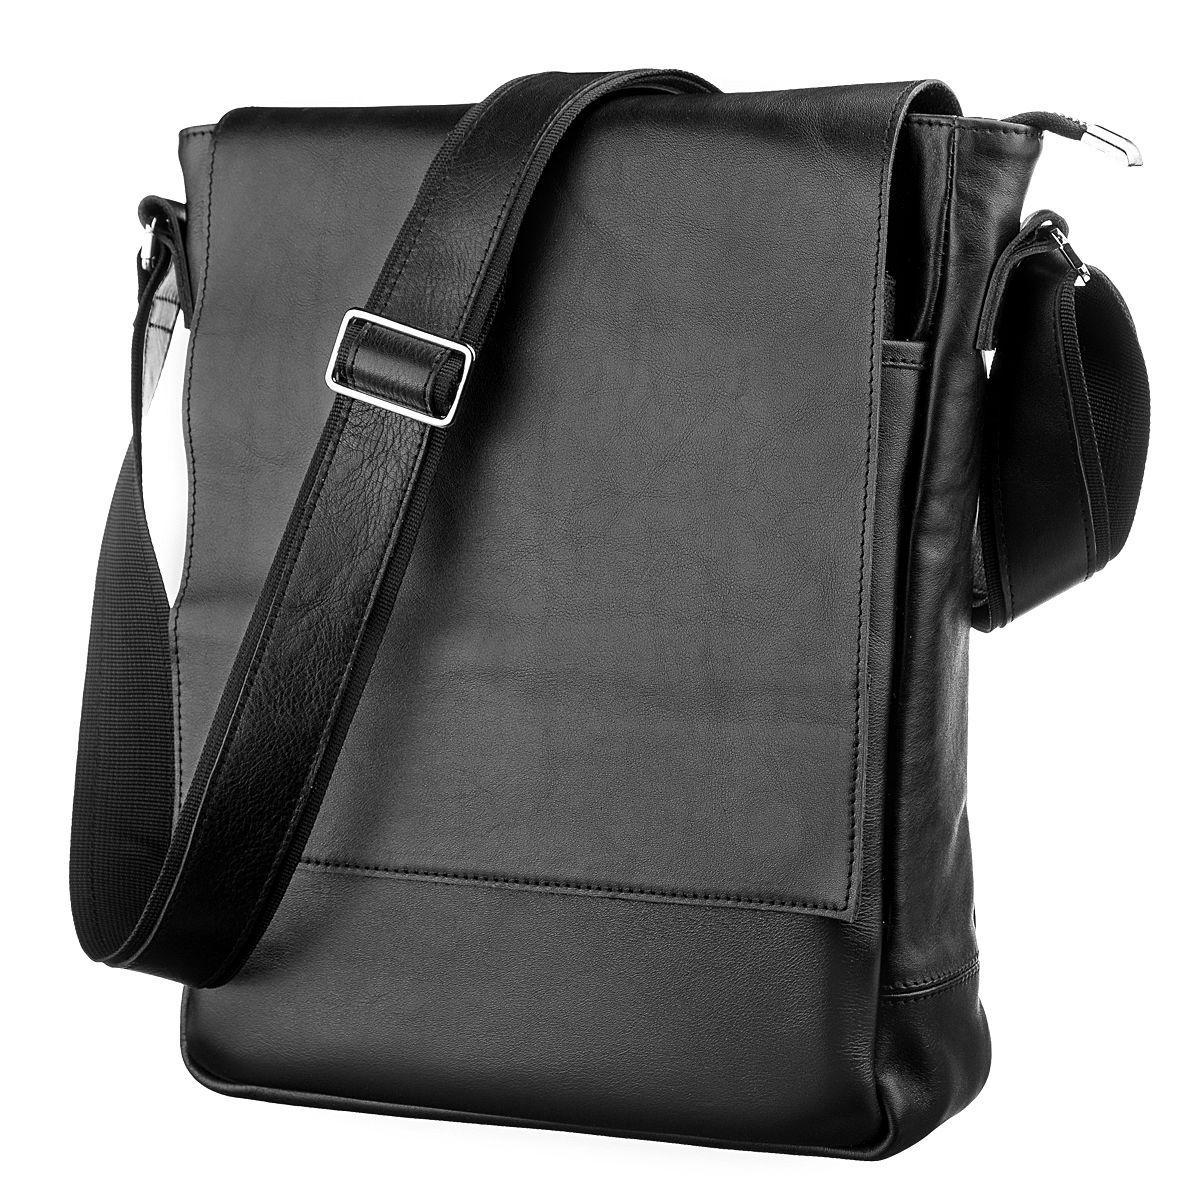 1eabf09c66c2 Мужская черная кожаная сумка через плечо SHVIGEL 11079 - Цена ...